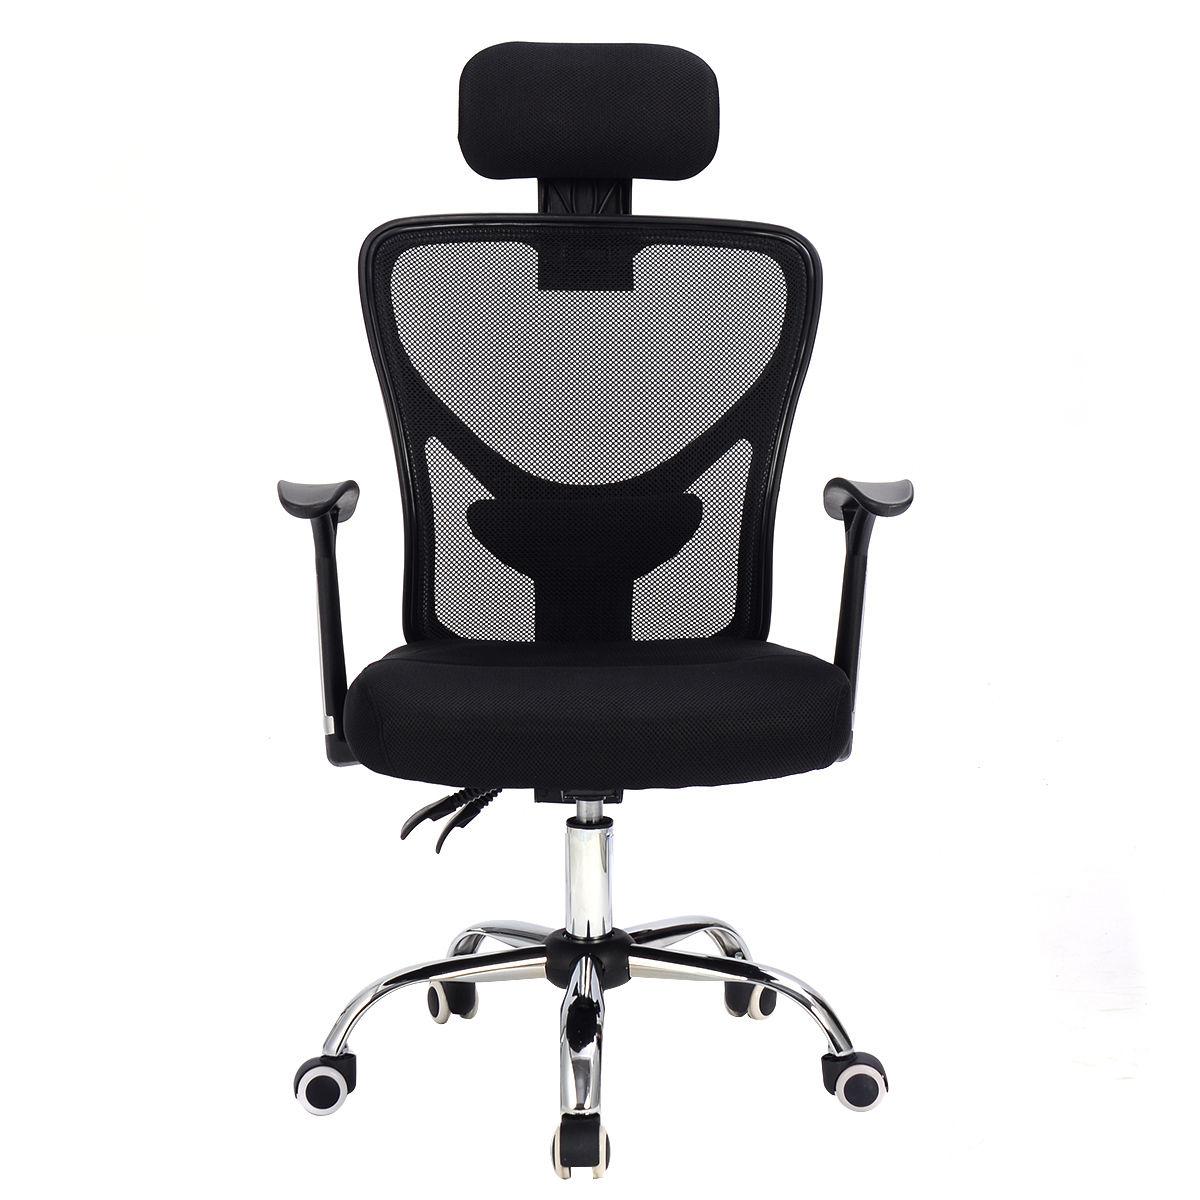 High Back Mesh Office Chair - Mesh back executive home office chair tilt swivel high back computer desk task